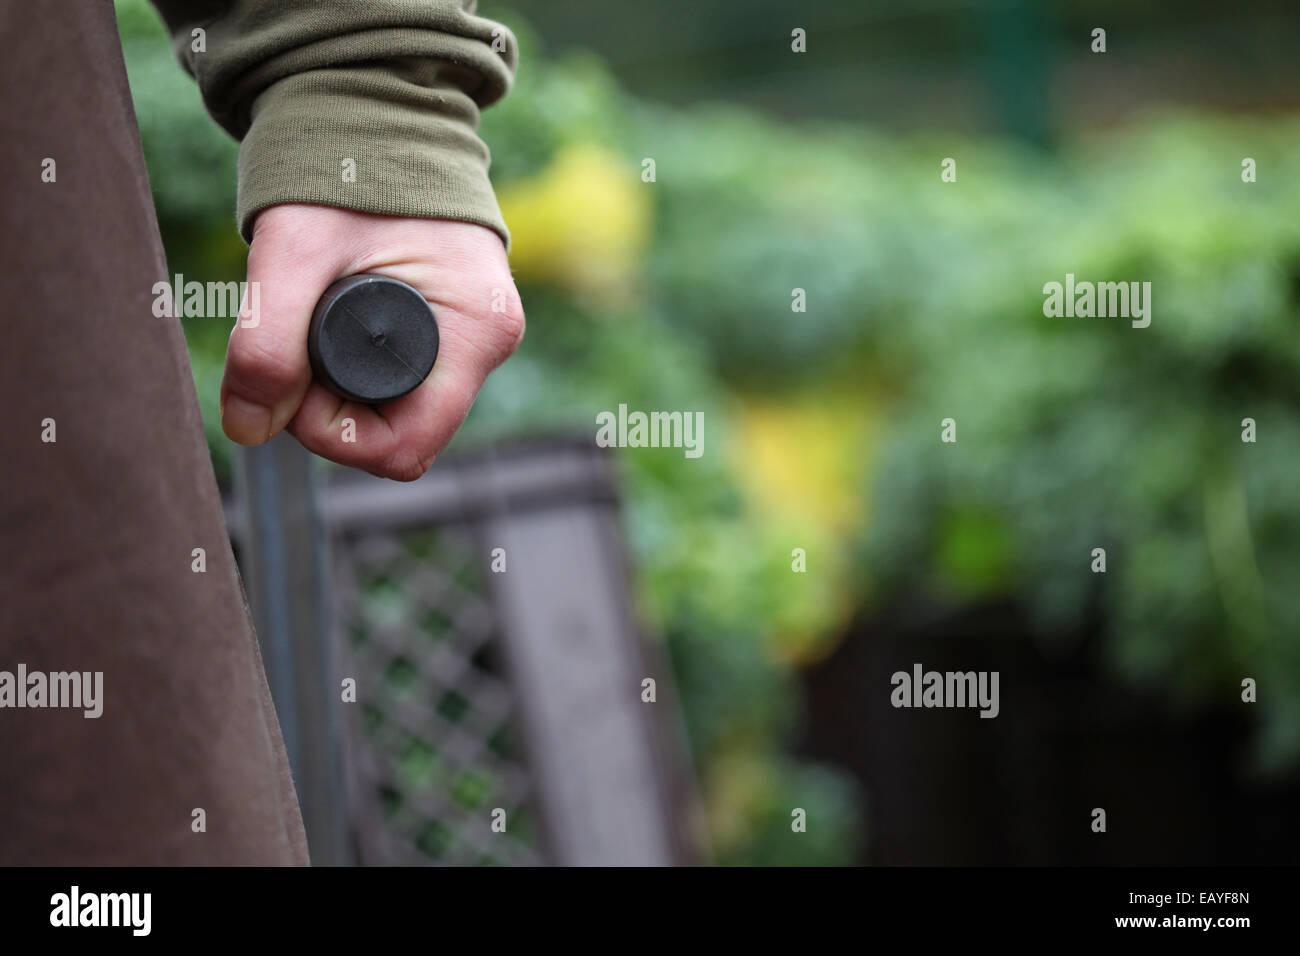 Primer plano de una mano llevando el asidero de una carretilla con la recolección de la col rizada en un proyecto Imagen De Stock